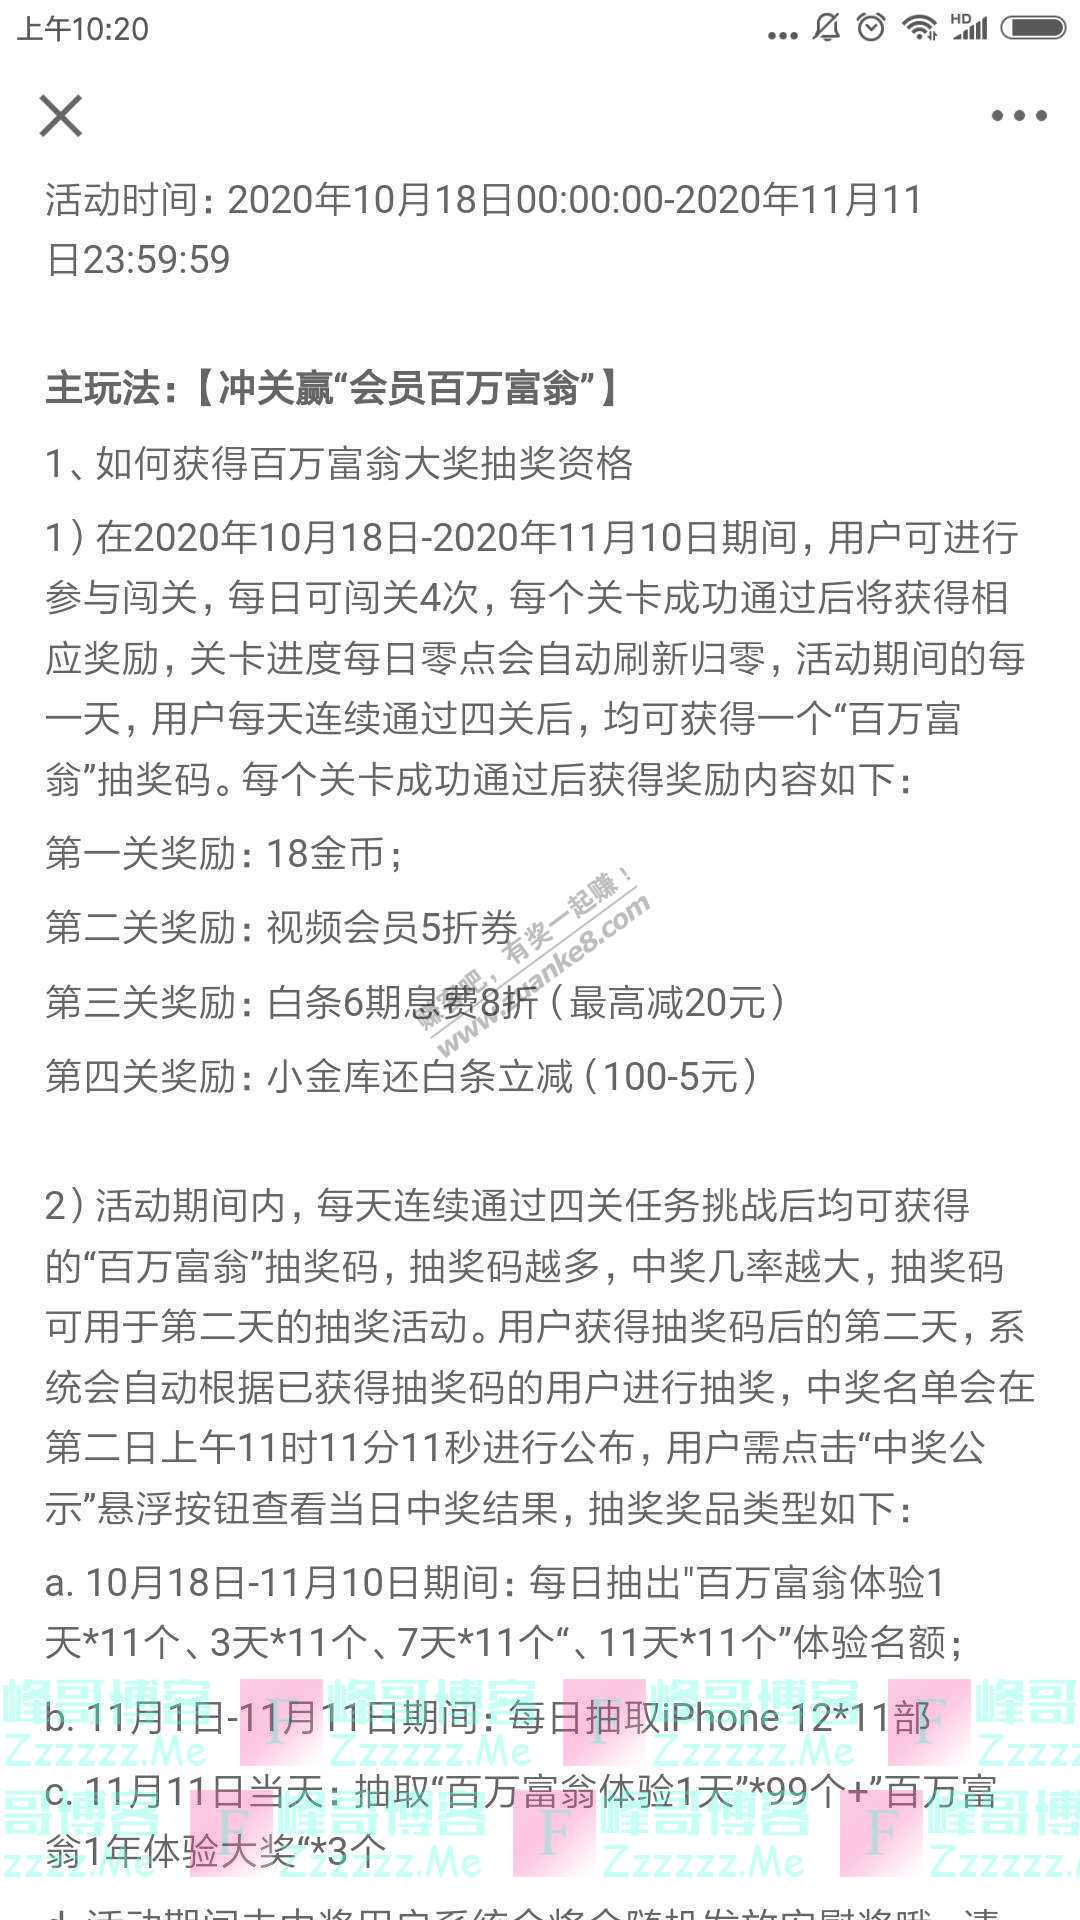 京东金融app18会员日冲关赢会员百万富翁(截止11月11日)